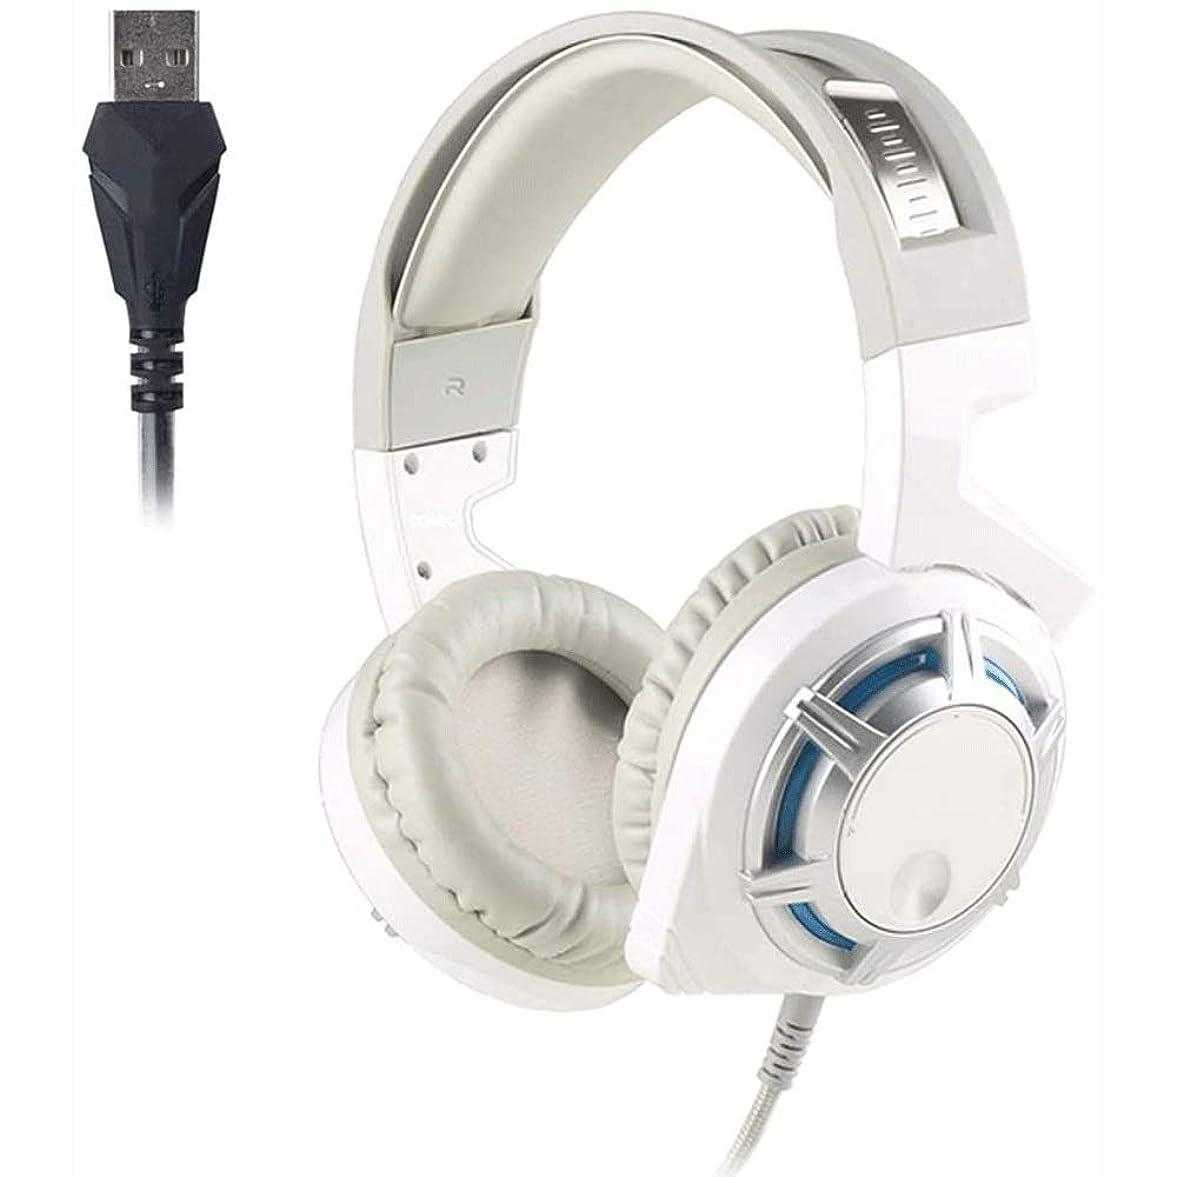 誰もペア遺伝的Big Shark LEDライトPC軽量ヘッドフォンと互換性マイク低音サラウンドゲーミングヘッドセット、ステレオゲーミングヘッドセット以上の耳有線ヘッドフォン (Color : White)